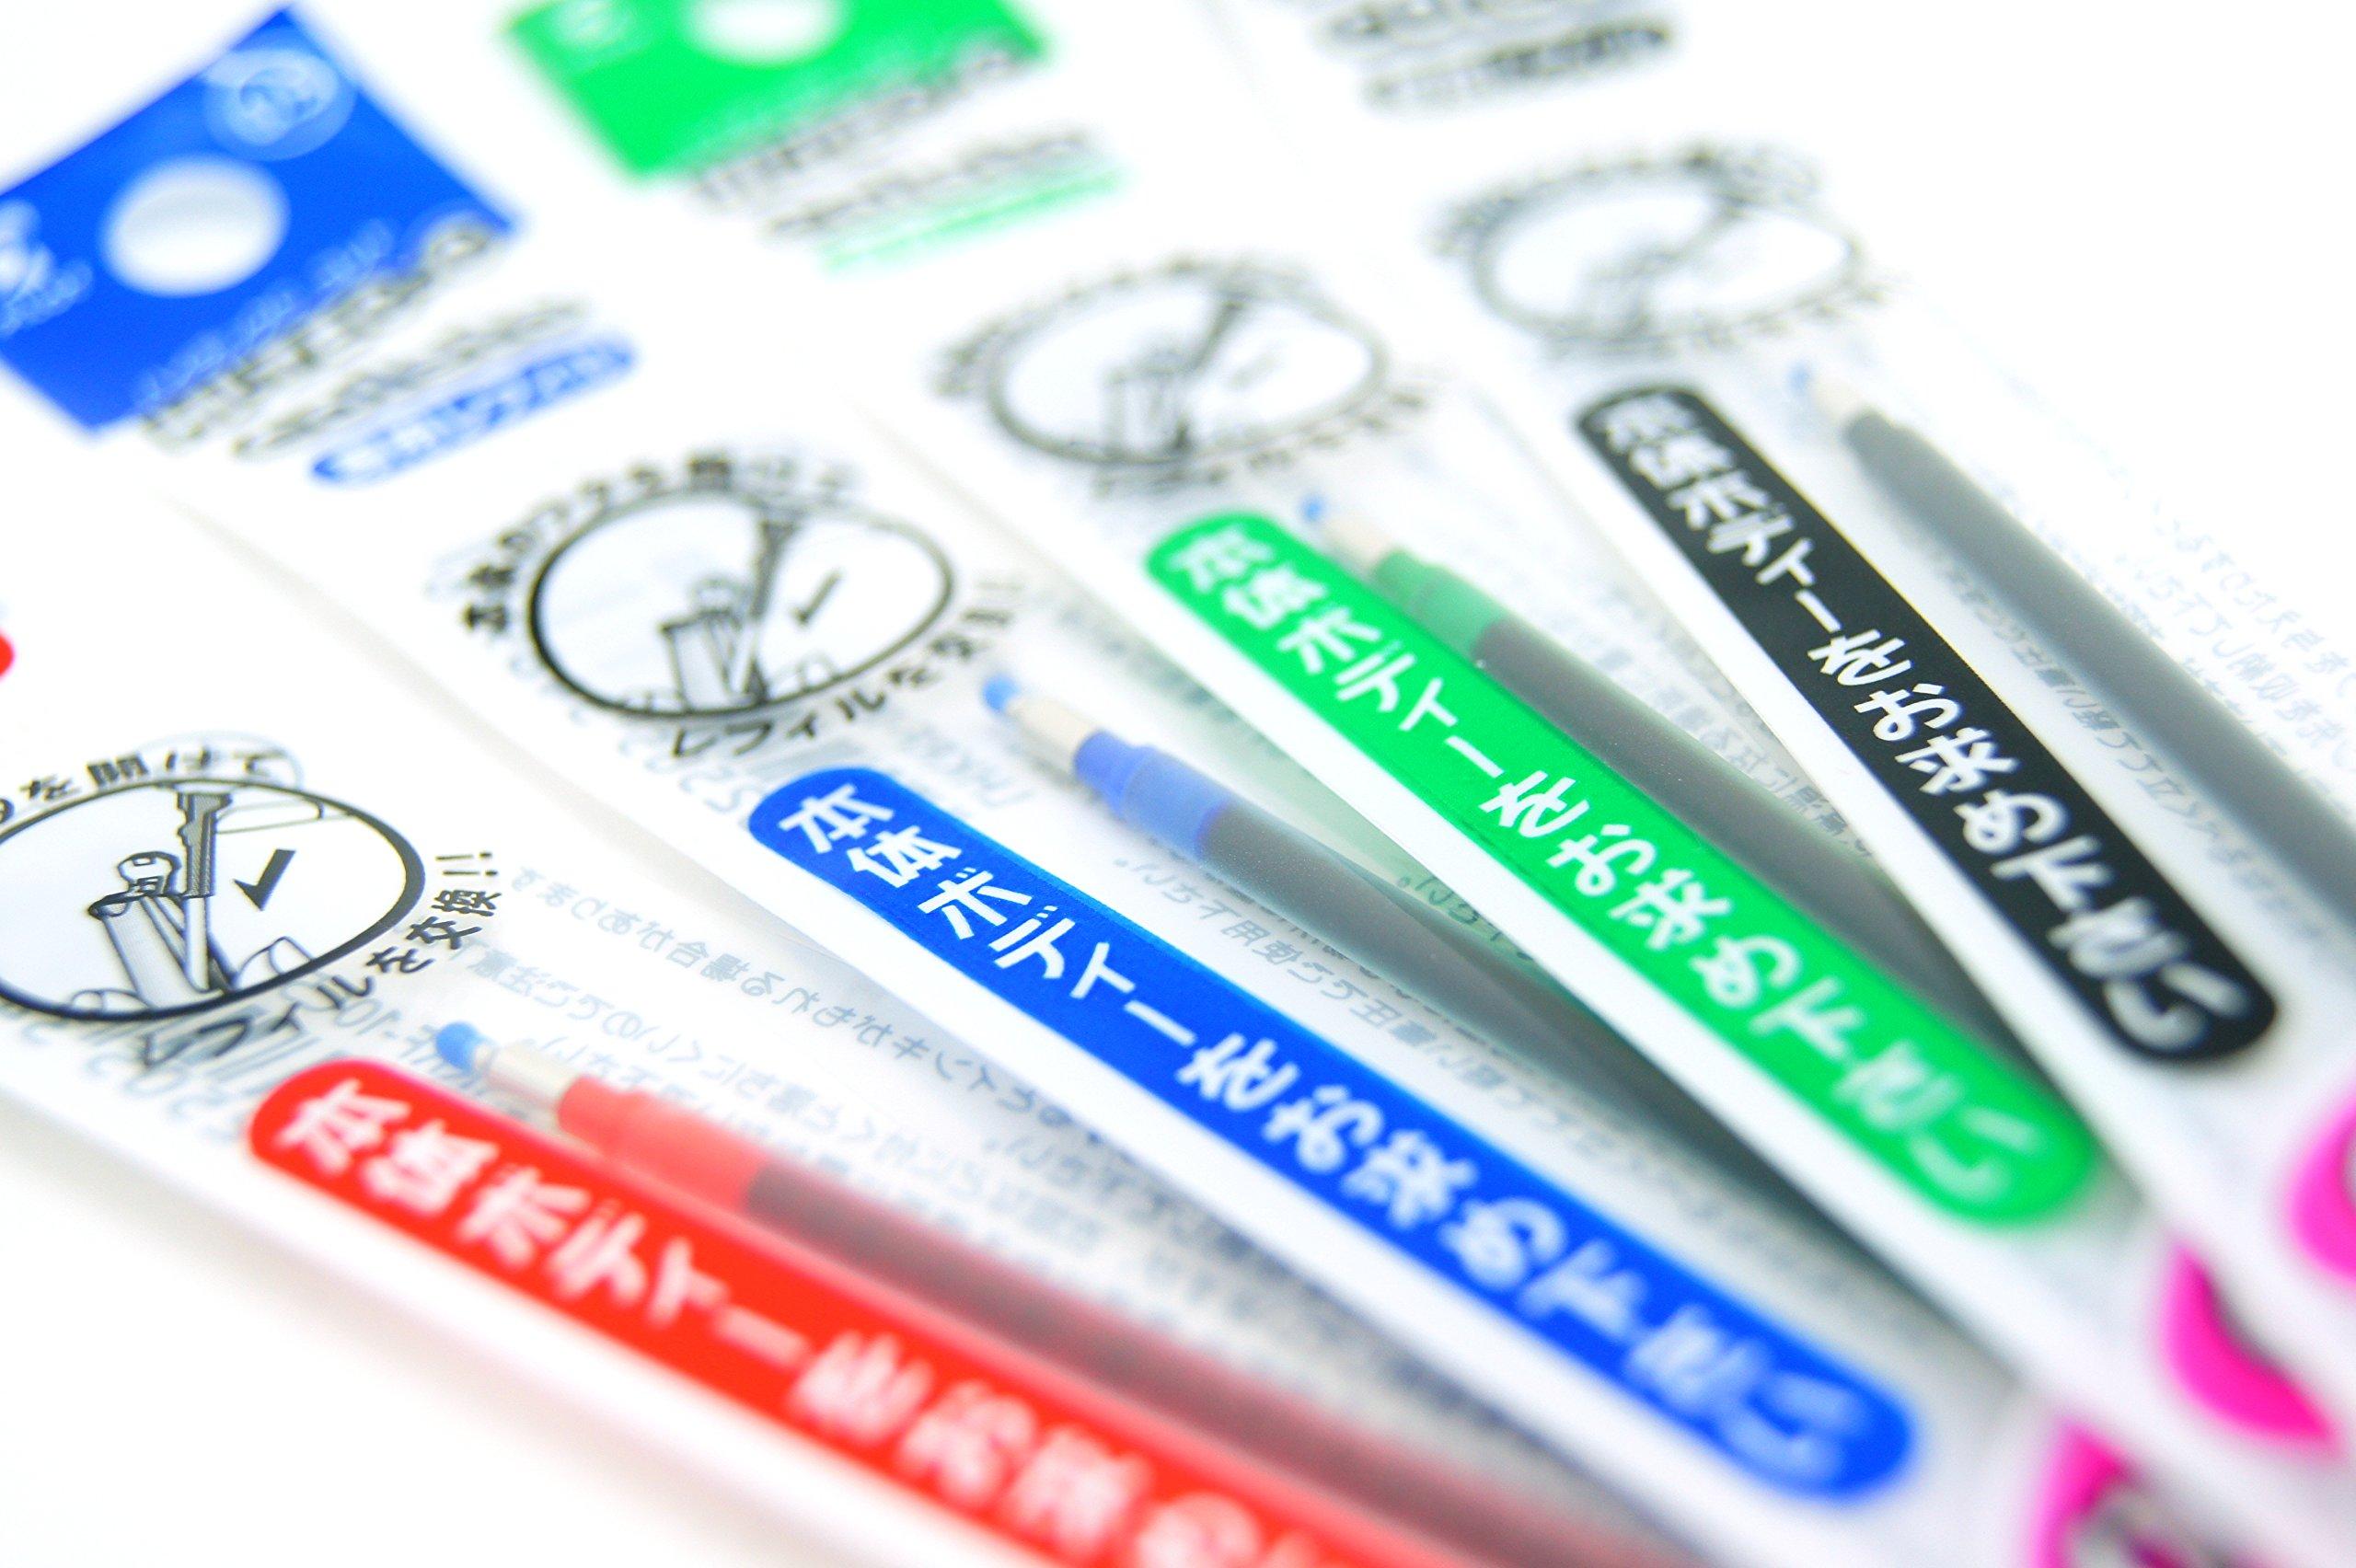 Pilot Hi-tec-c Coleto Gel Ink Pen 0.5mm 15 Color Refills, Mechanical Pencil Unit for 0.5mm Lead, Eraser Unit, Sticky Notes Value Set by Stationery JP (Image #6)